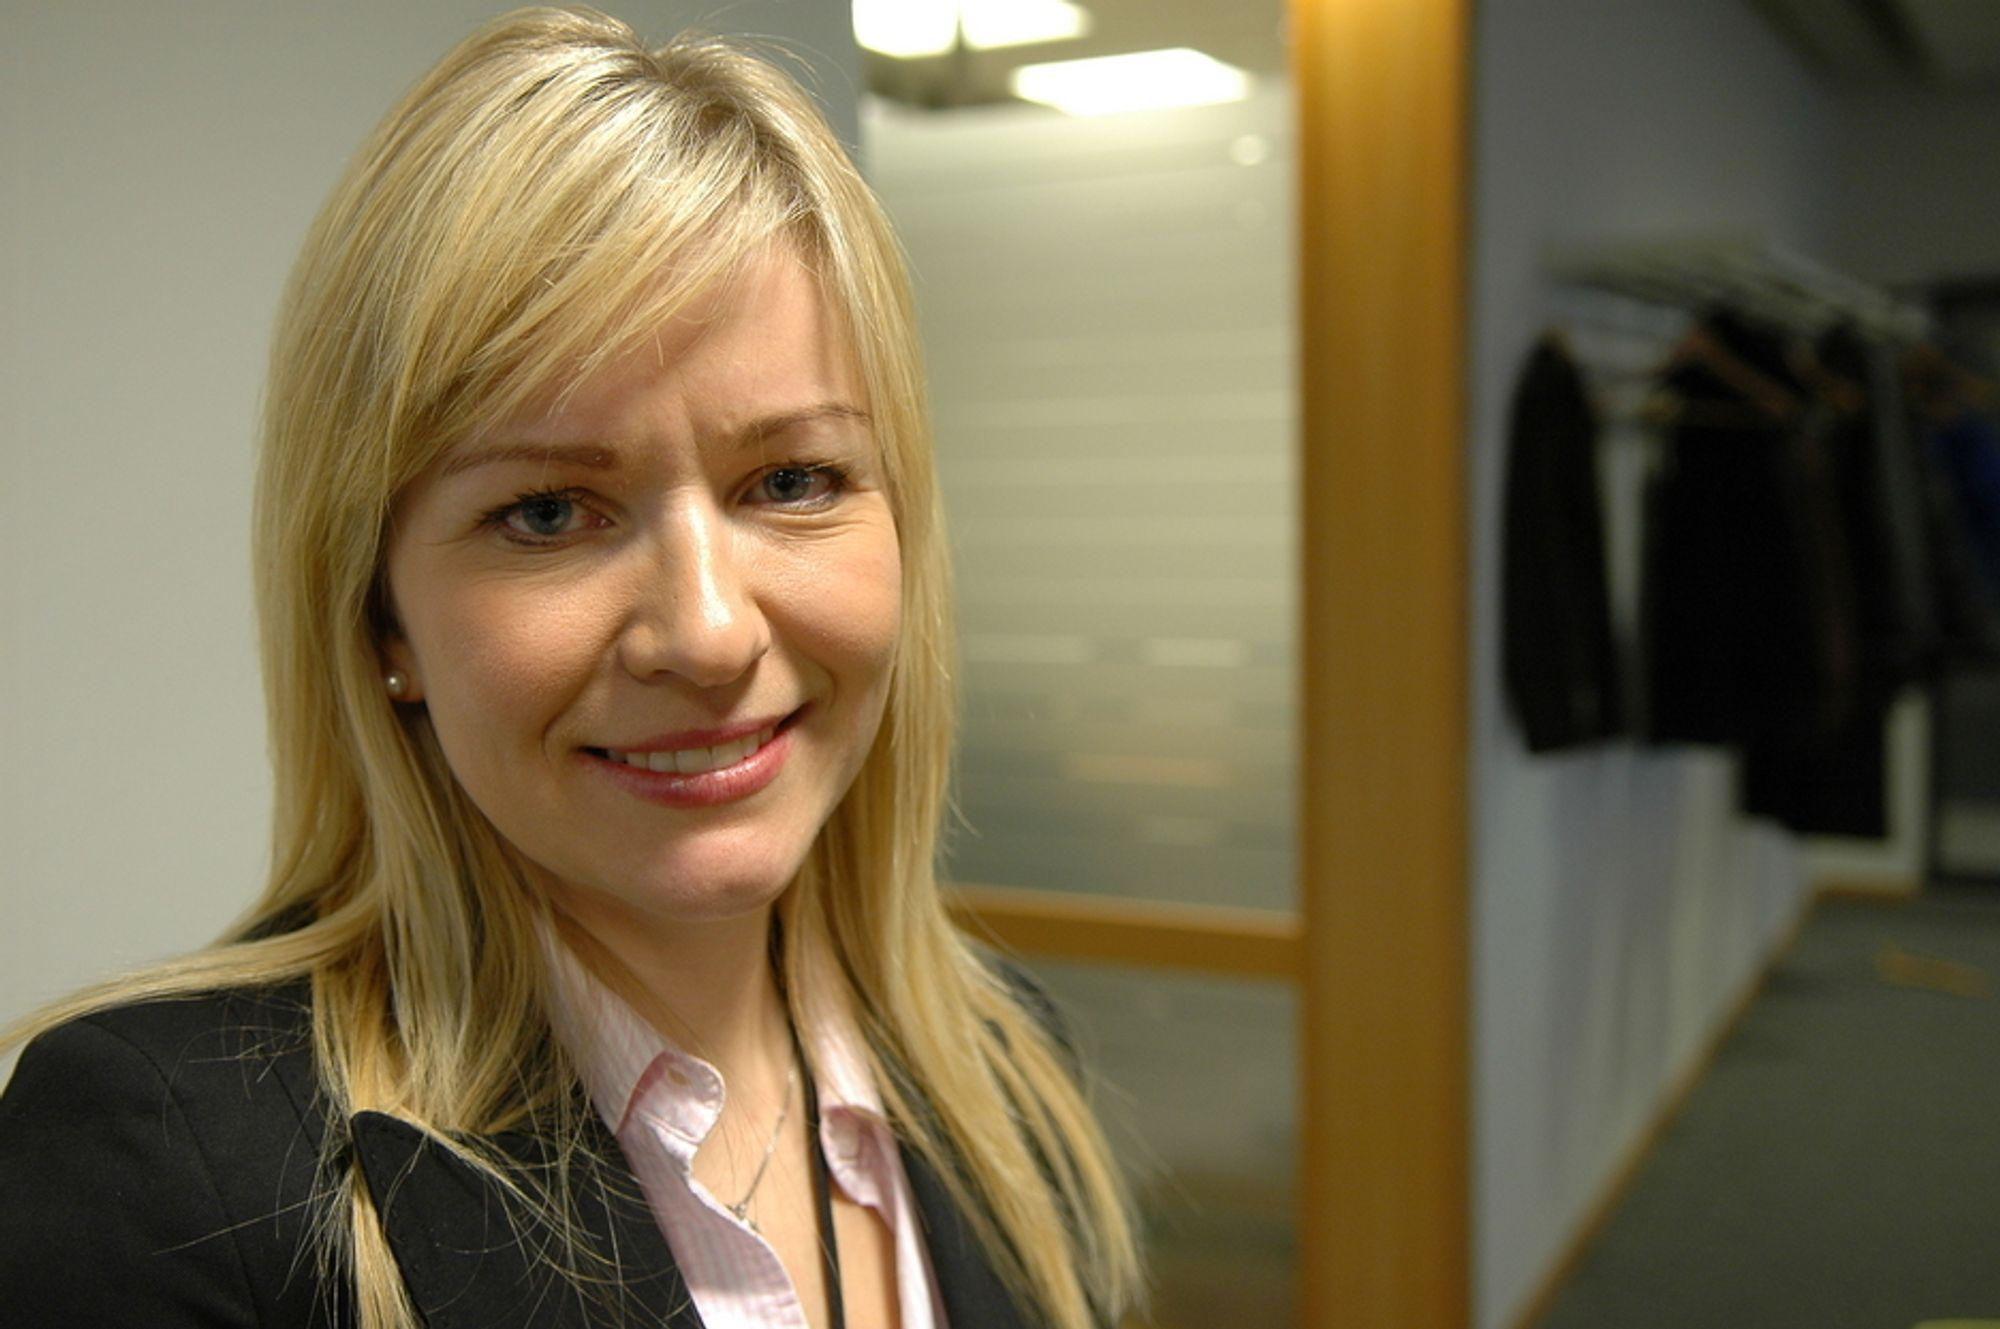 INGEN KONTRAKTLØFTER: Informasjonssjef Rannveig S. Stangeland i Statoil sier oljeindekserte gasskontrakter fremdeles vil være dominerende i framtiden, og hun kan ikke love at Industrikraft Midt-Norge får oppfylt  sitt ønske om gasskontrakter som svinger i takt med strømprisen.